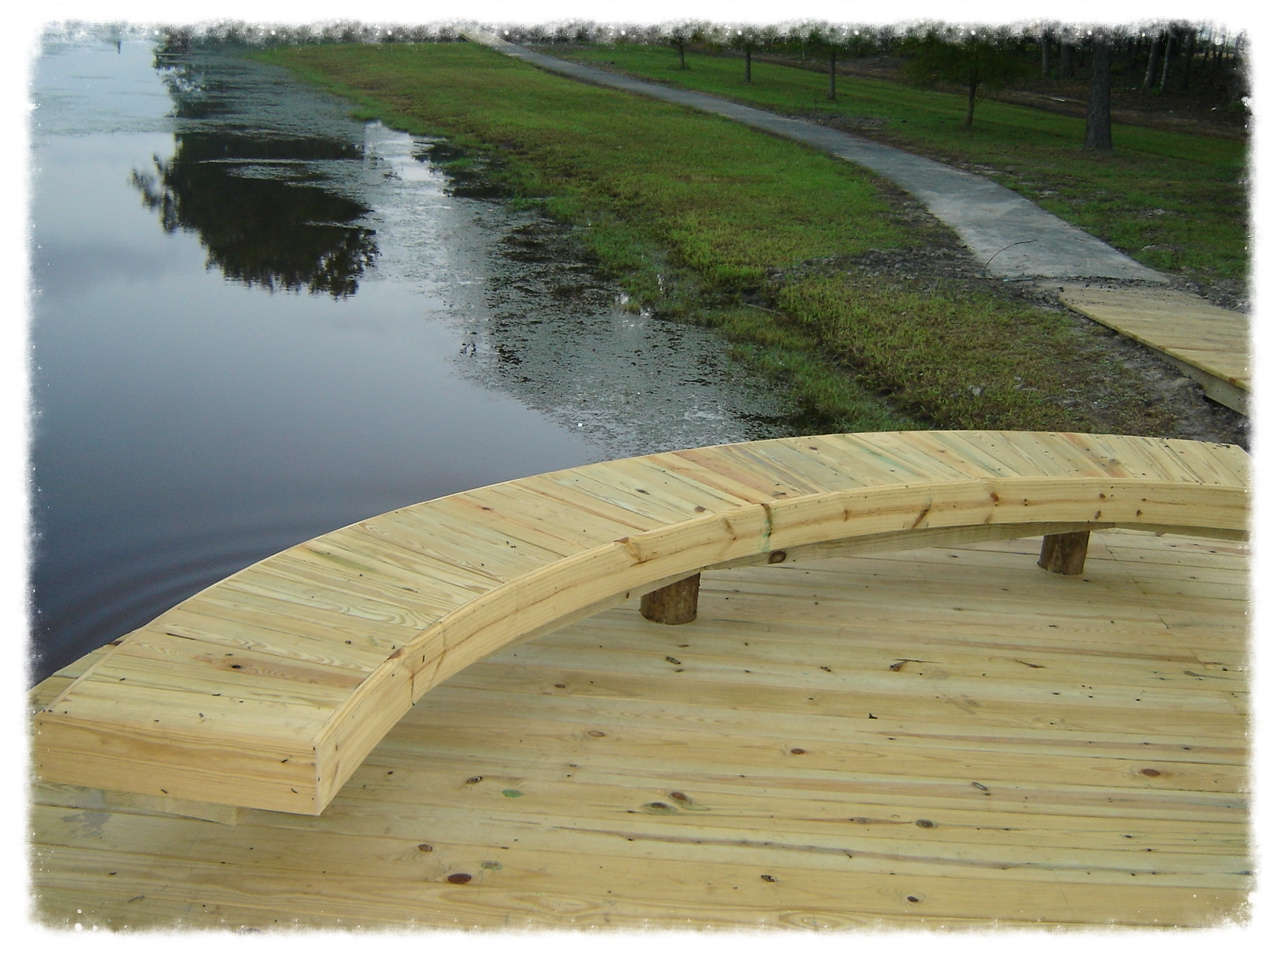 Wood Dock with Boardwalk